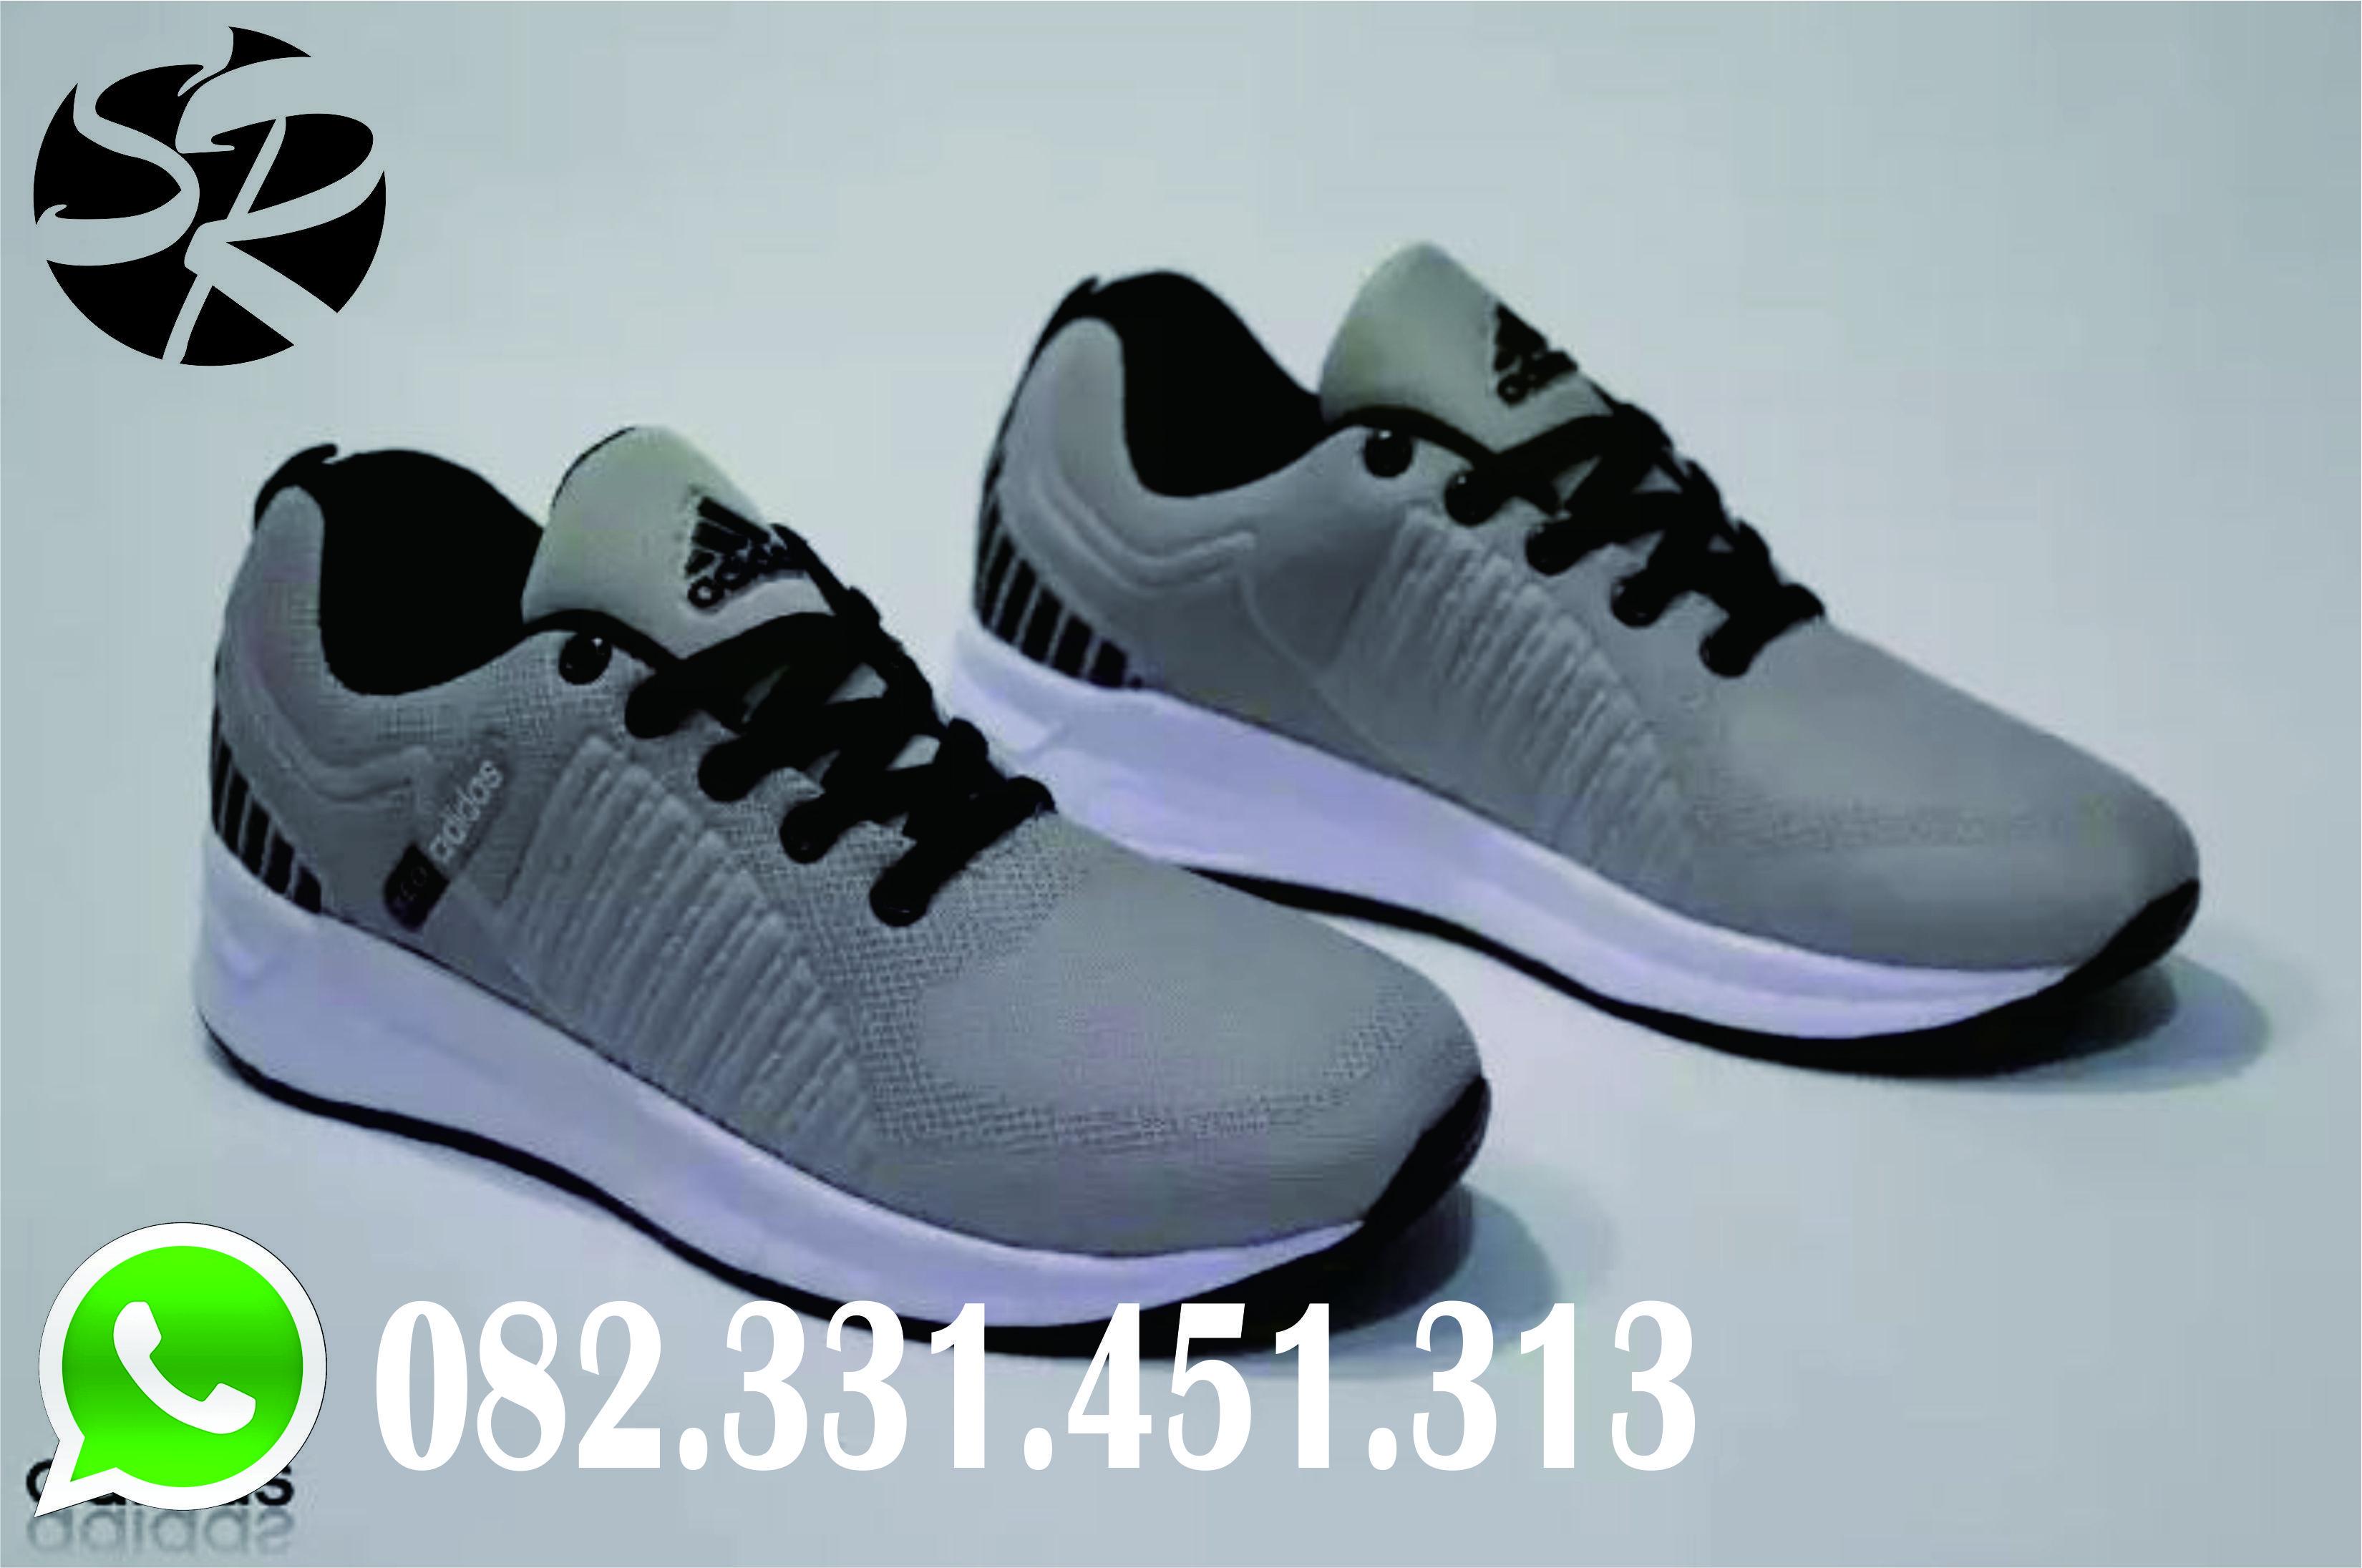 Sepatu Kets Wanita Kelsey Terbaru Model 1312 Trendy Dengan Gambar